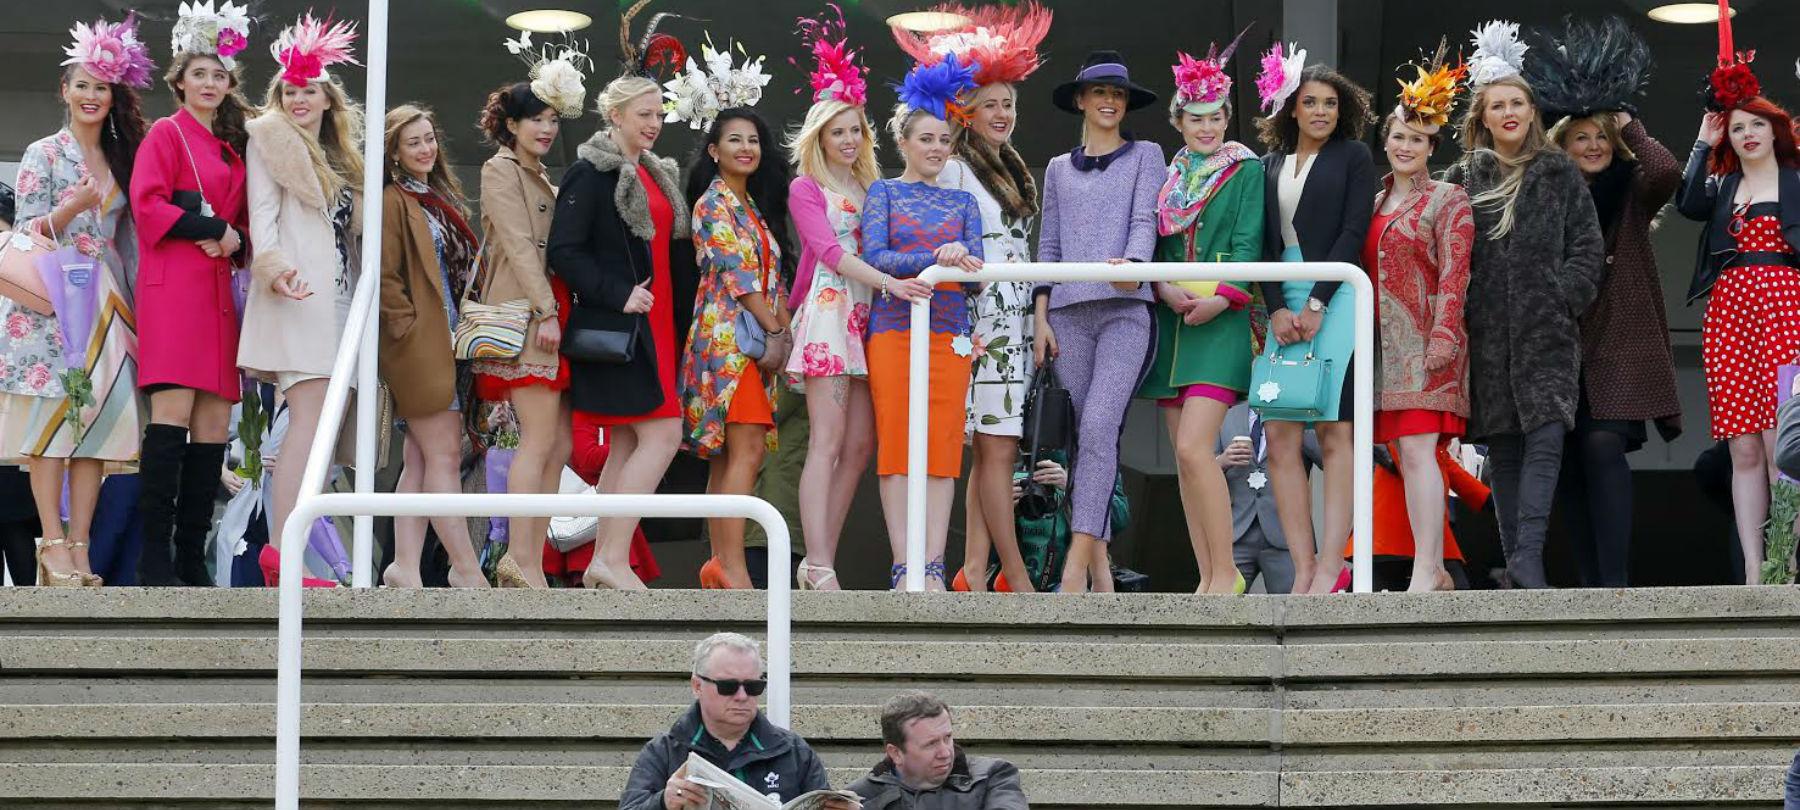 Copy of ladies-dressed-up-hero.jpg